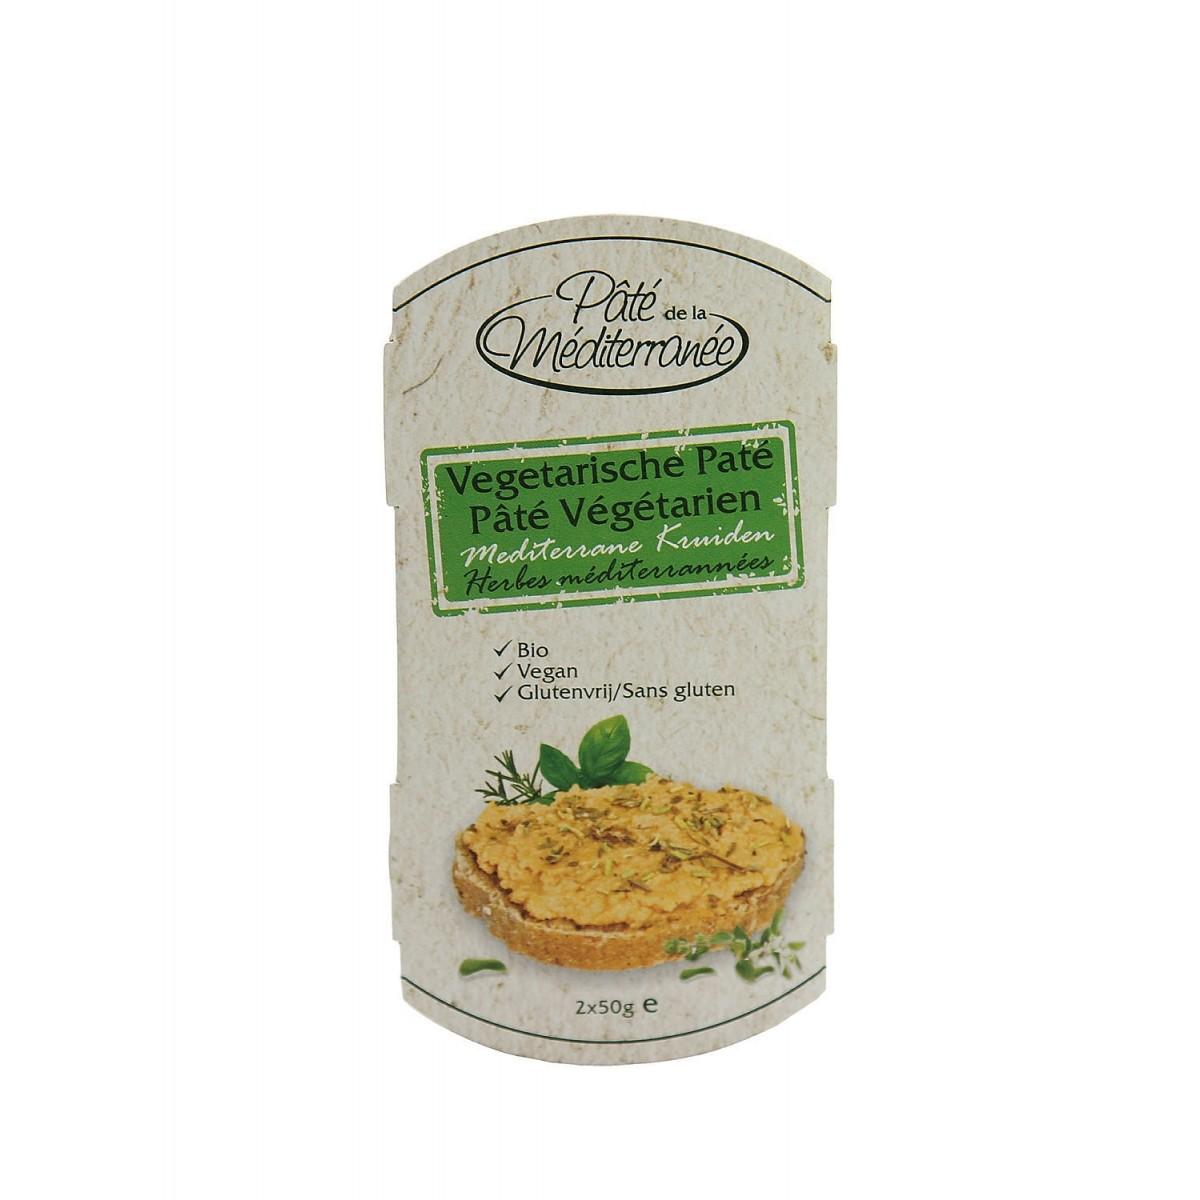 Vegetarische Paté Mediterrane Kruiden